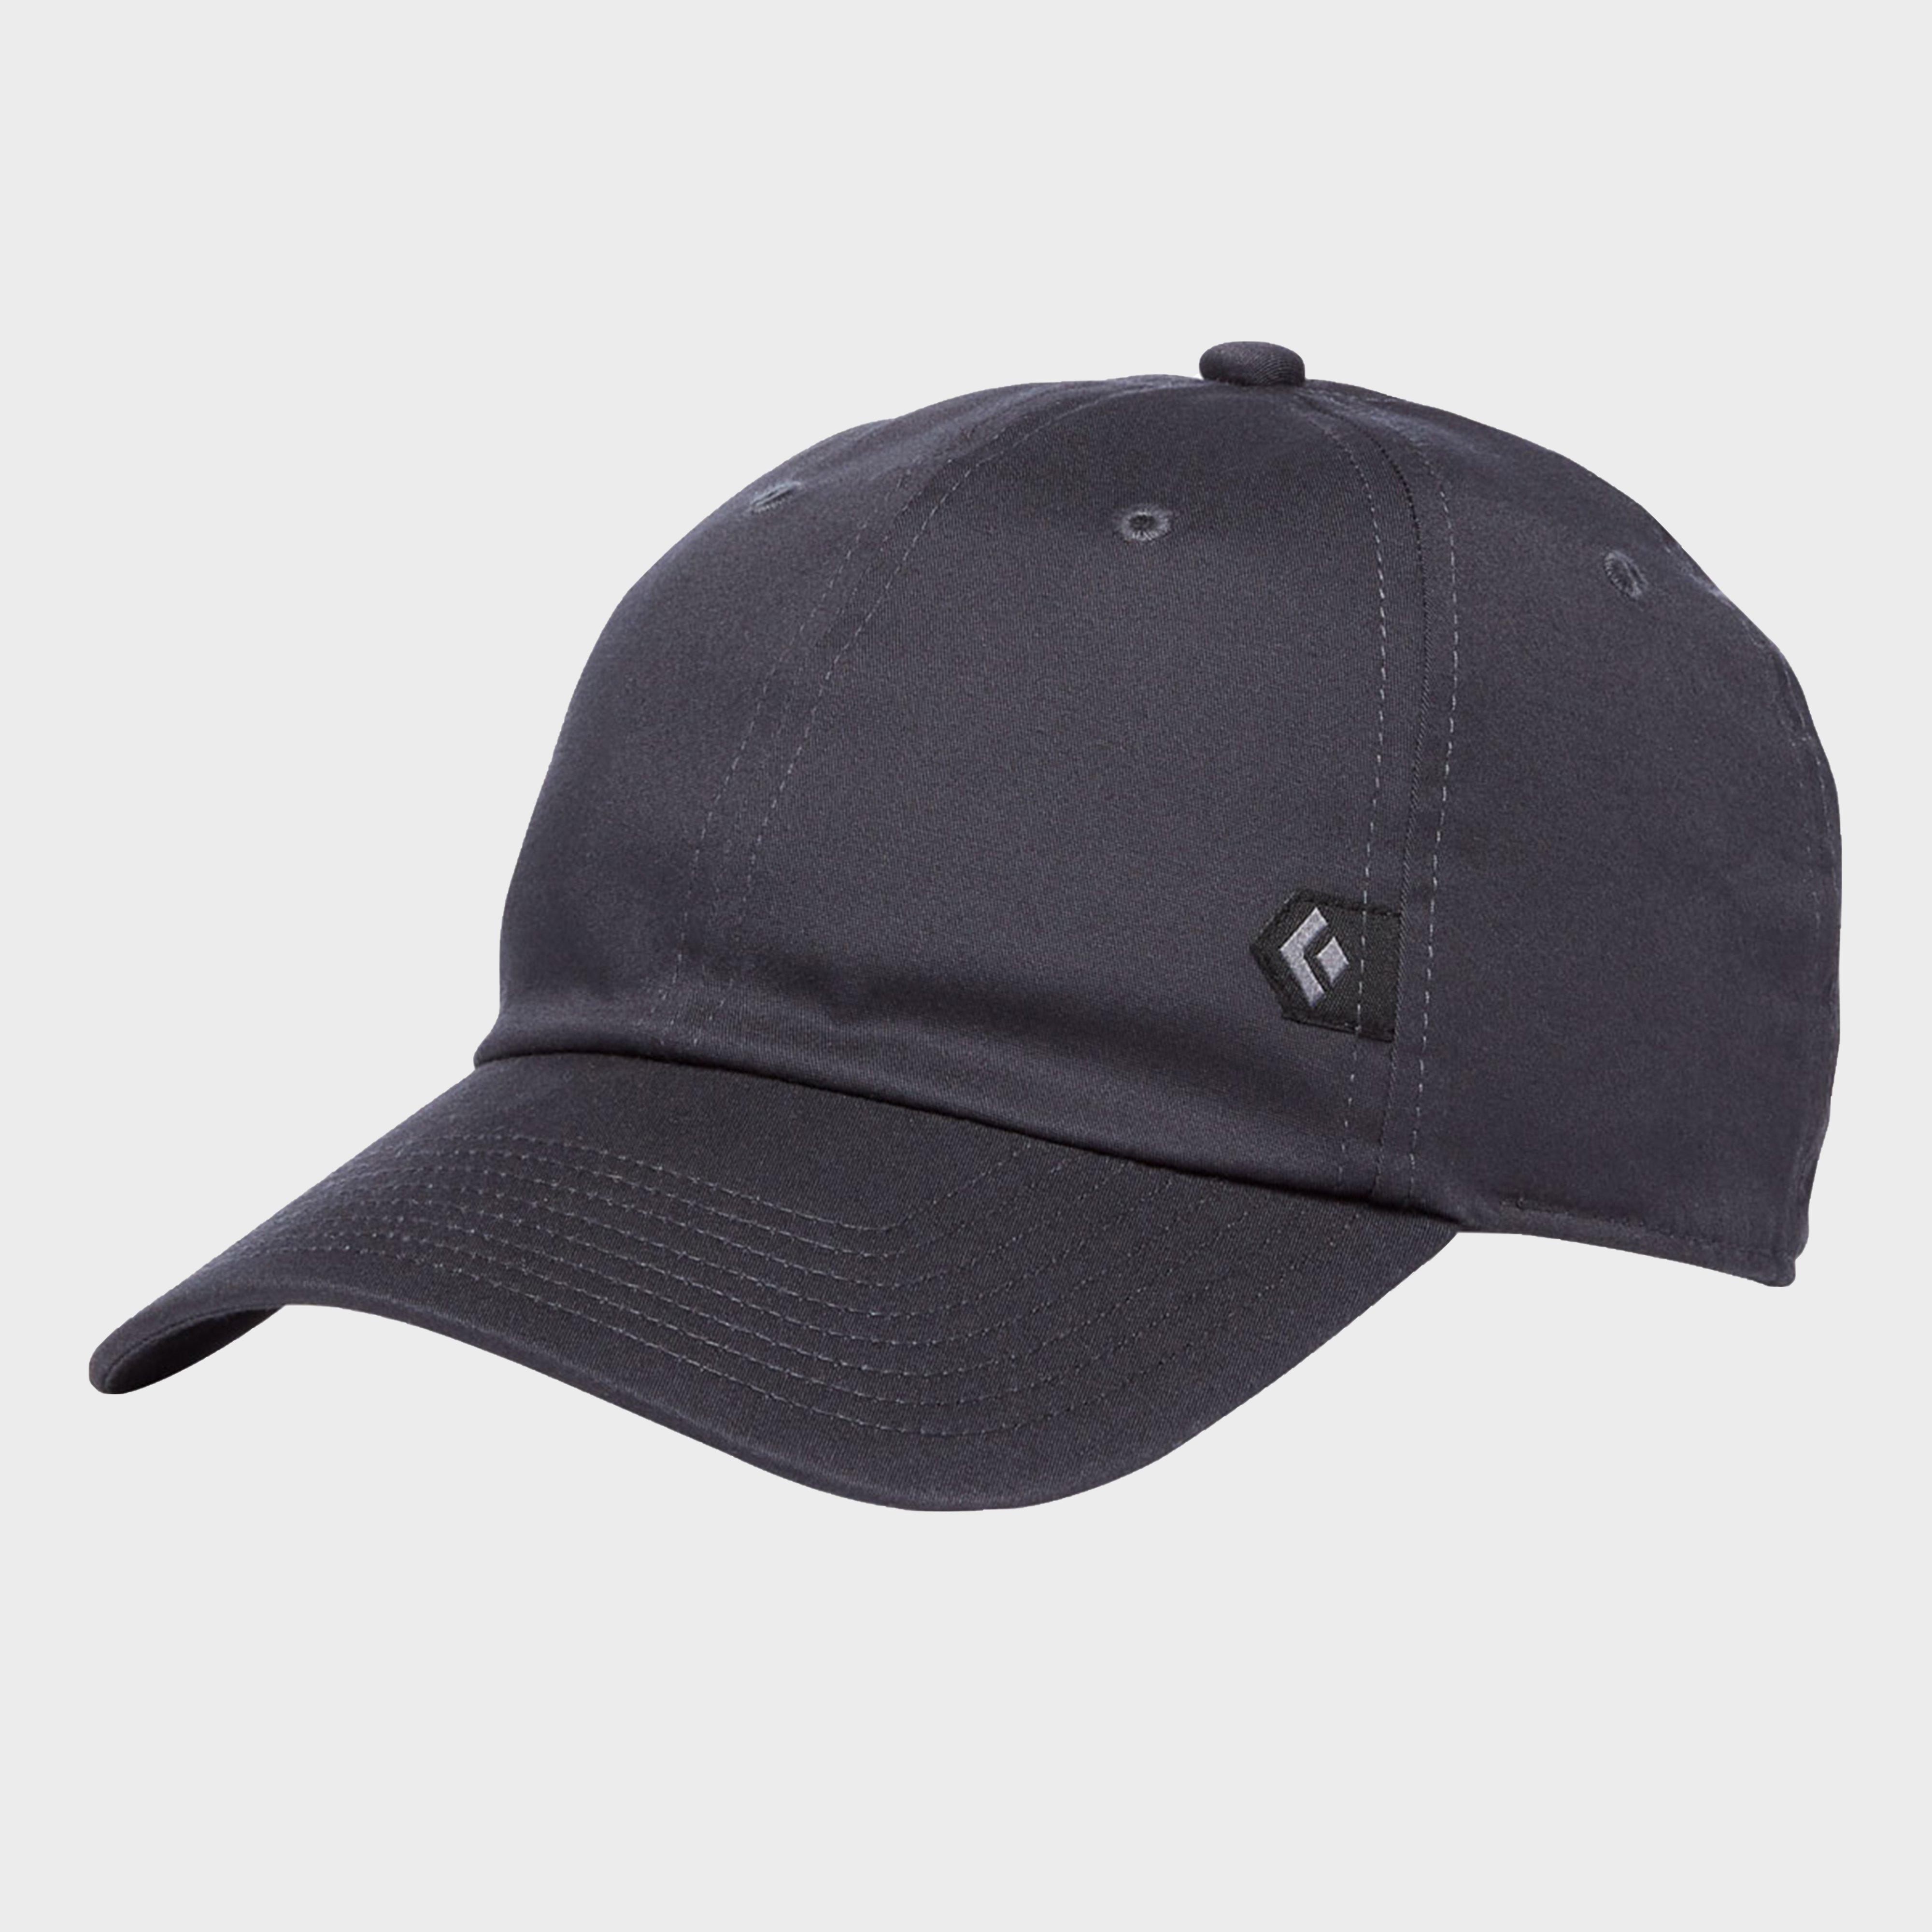 Black Diamond Undercover Crusher Cap - Black/cap  Black/cap